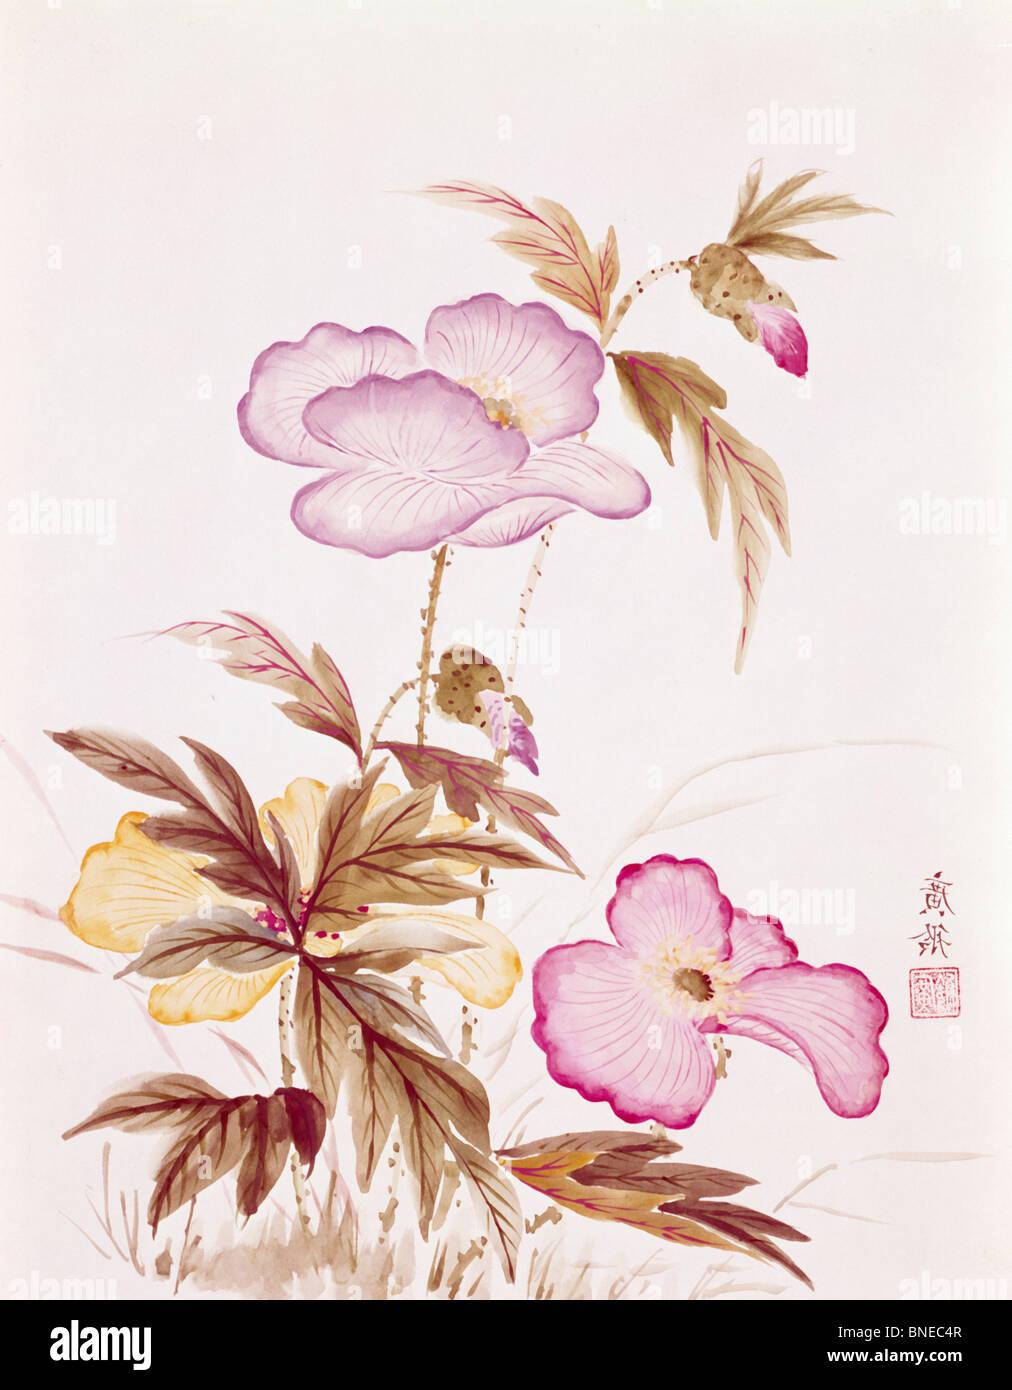 A rejeté l'amour de l'amour par Kwang-Ling Ku, 20e siècle Photo Stock